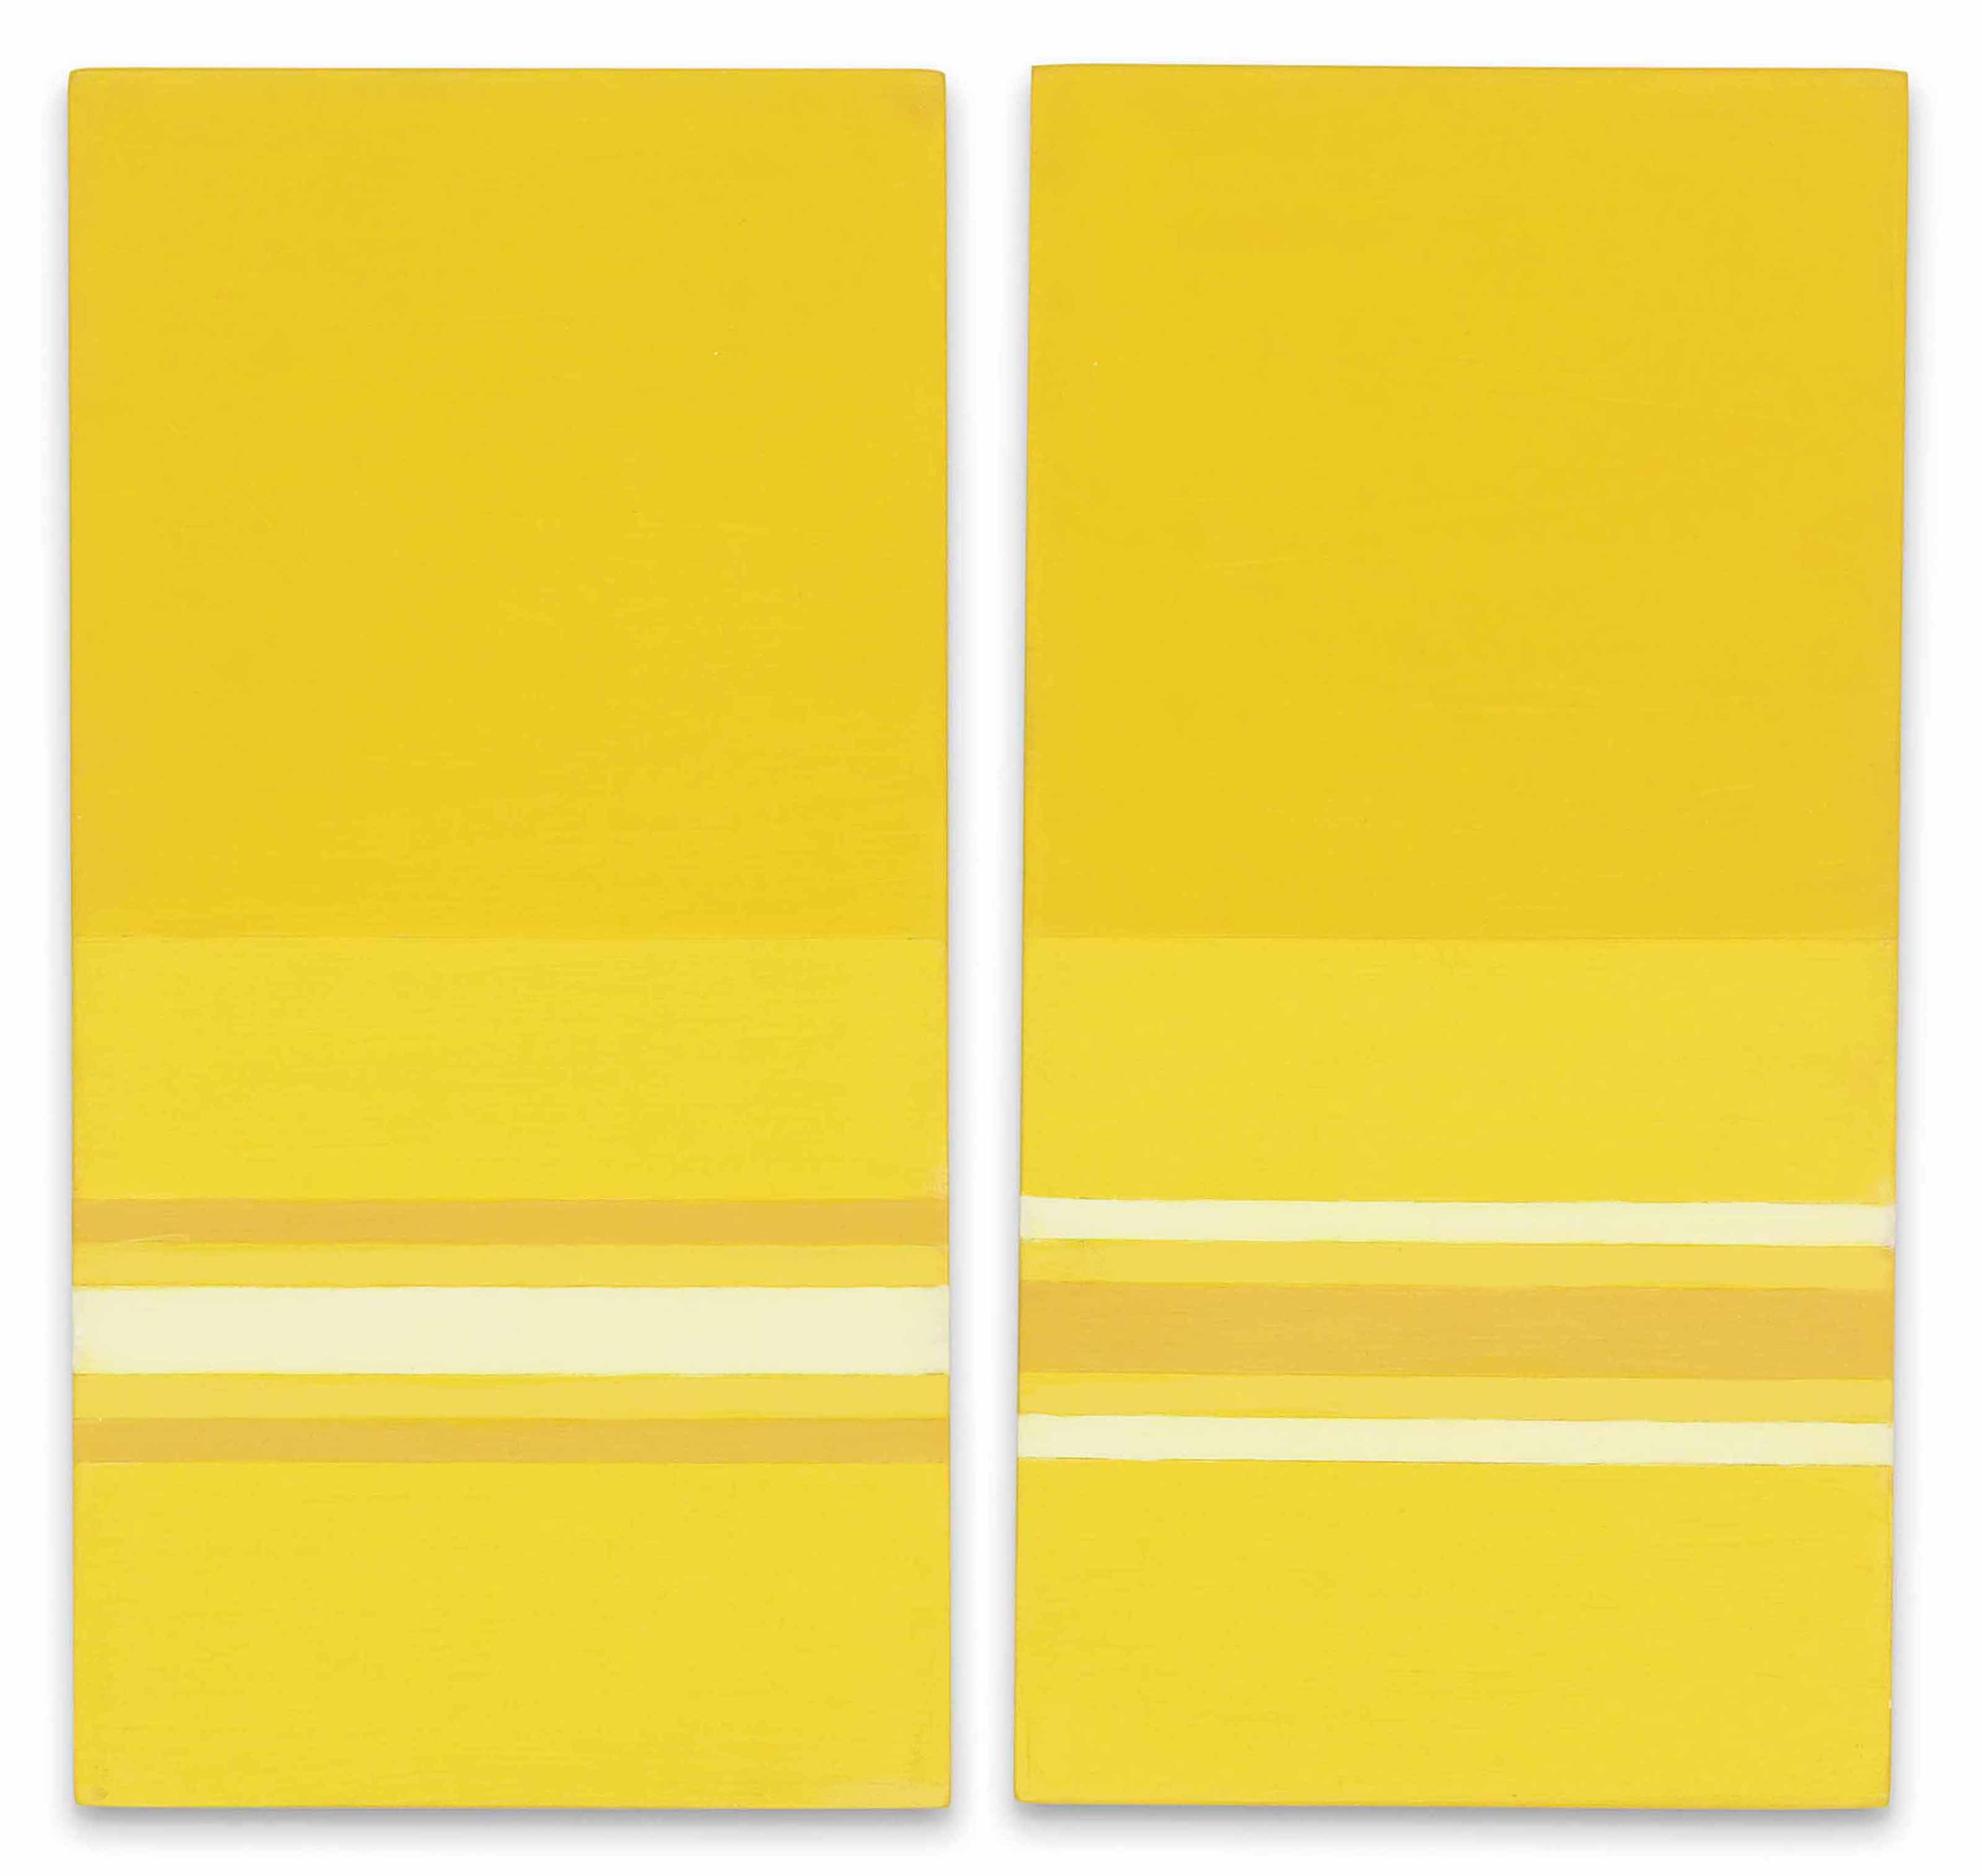 Orizzonte bicromo (-); Orizzonte bicromo (+) (Bicolour Horizon (-); (Bicolour Horizon (+))